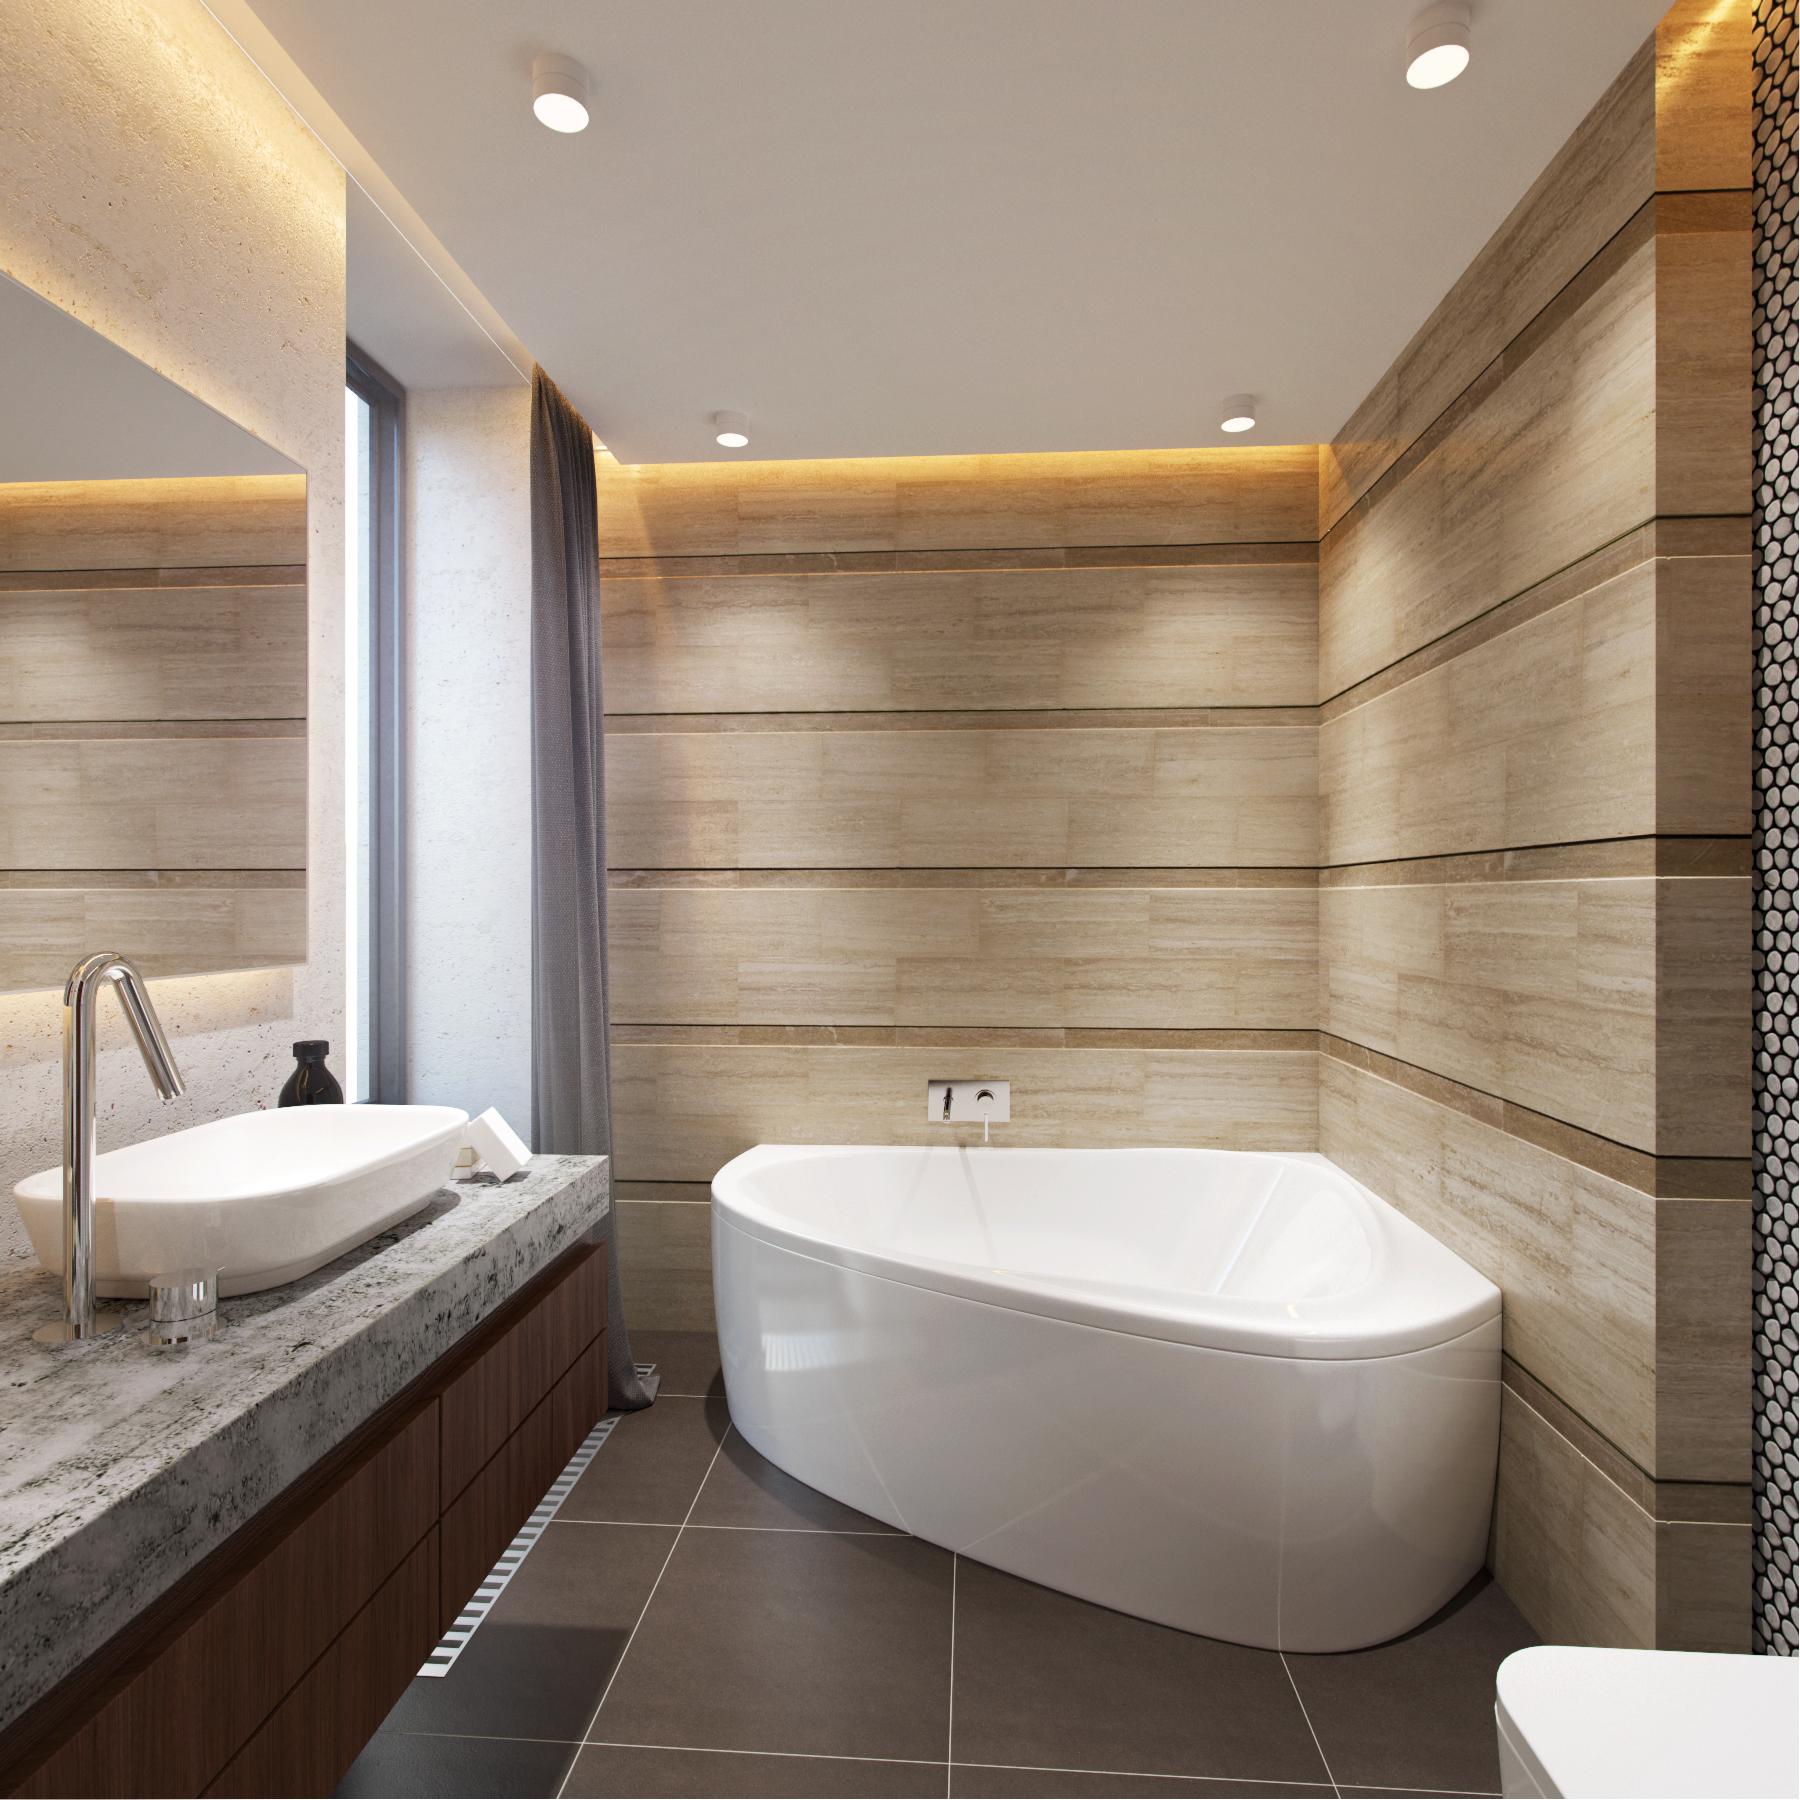 Стильная современная ванная комната с угловой ванной